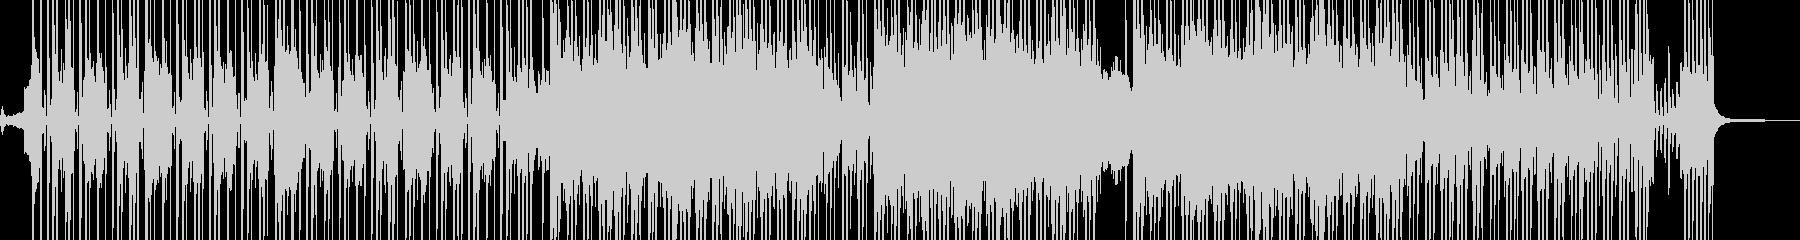 ビターエンドの切ないR&B 短尺★の未再生の波形